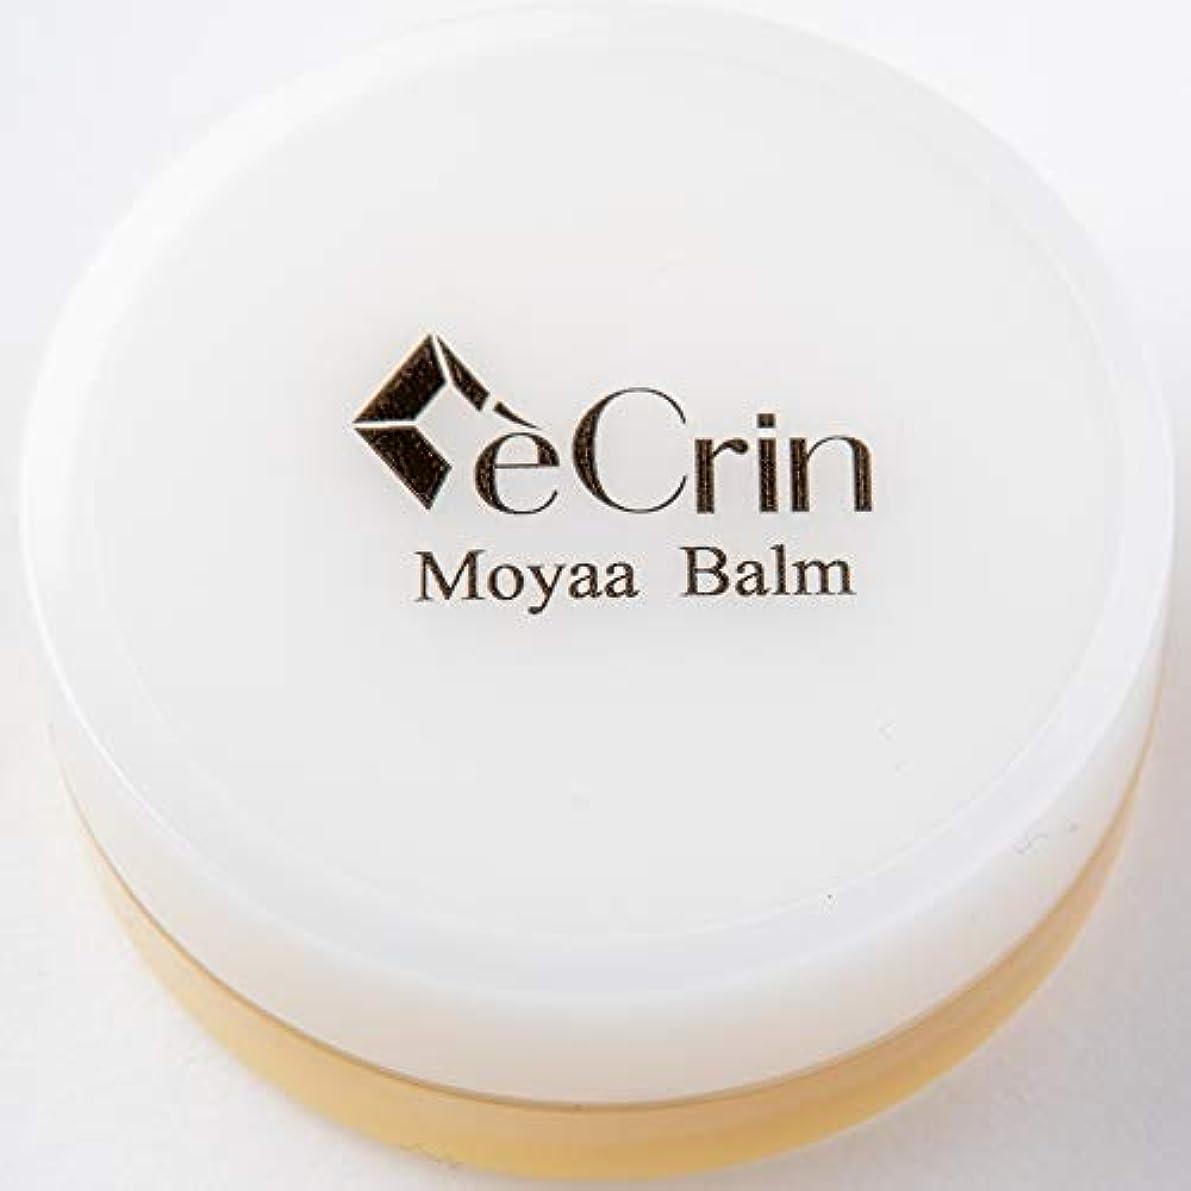 局三角形にはまってMoyaa Balm (モーヤバーム)天然成分のみで仕上げたシアバター white 無添加 天然成分100%